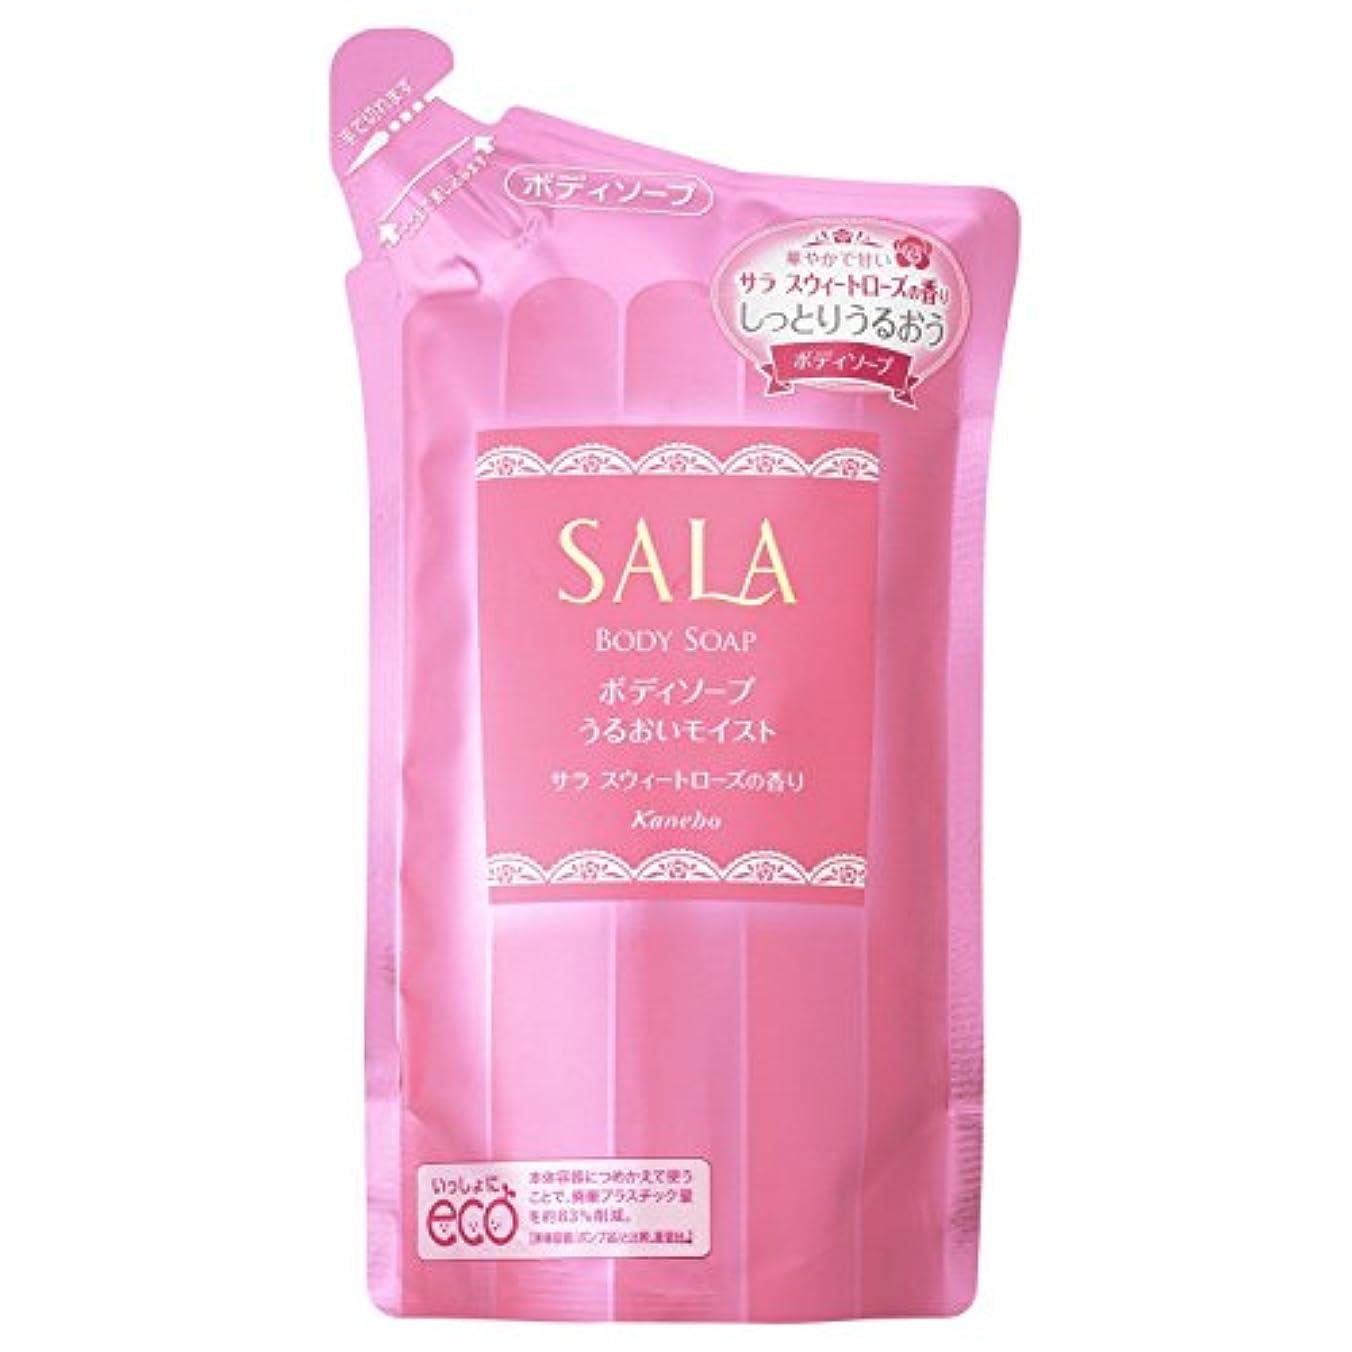 チケット責元気なサラ ボディソープ うるおいモイスト つめかえ用 サラスウィートローズの香り